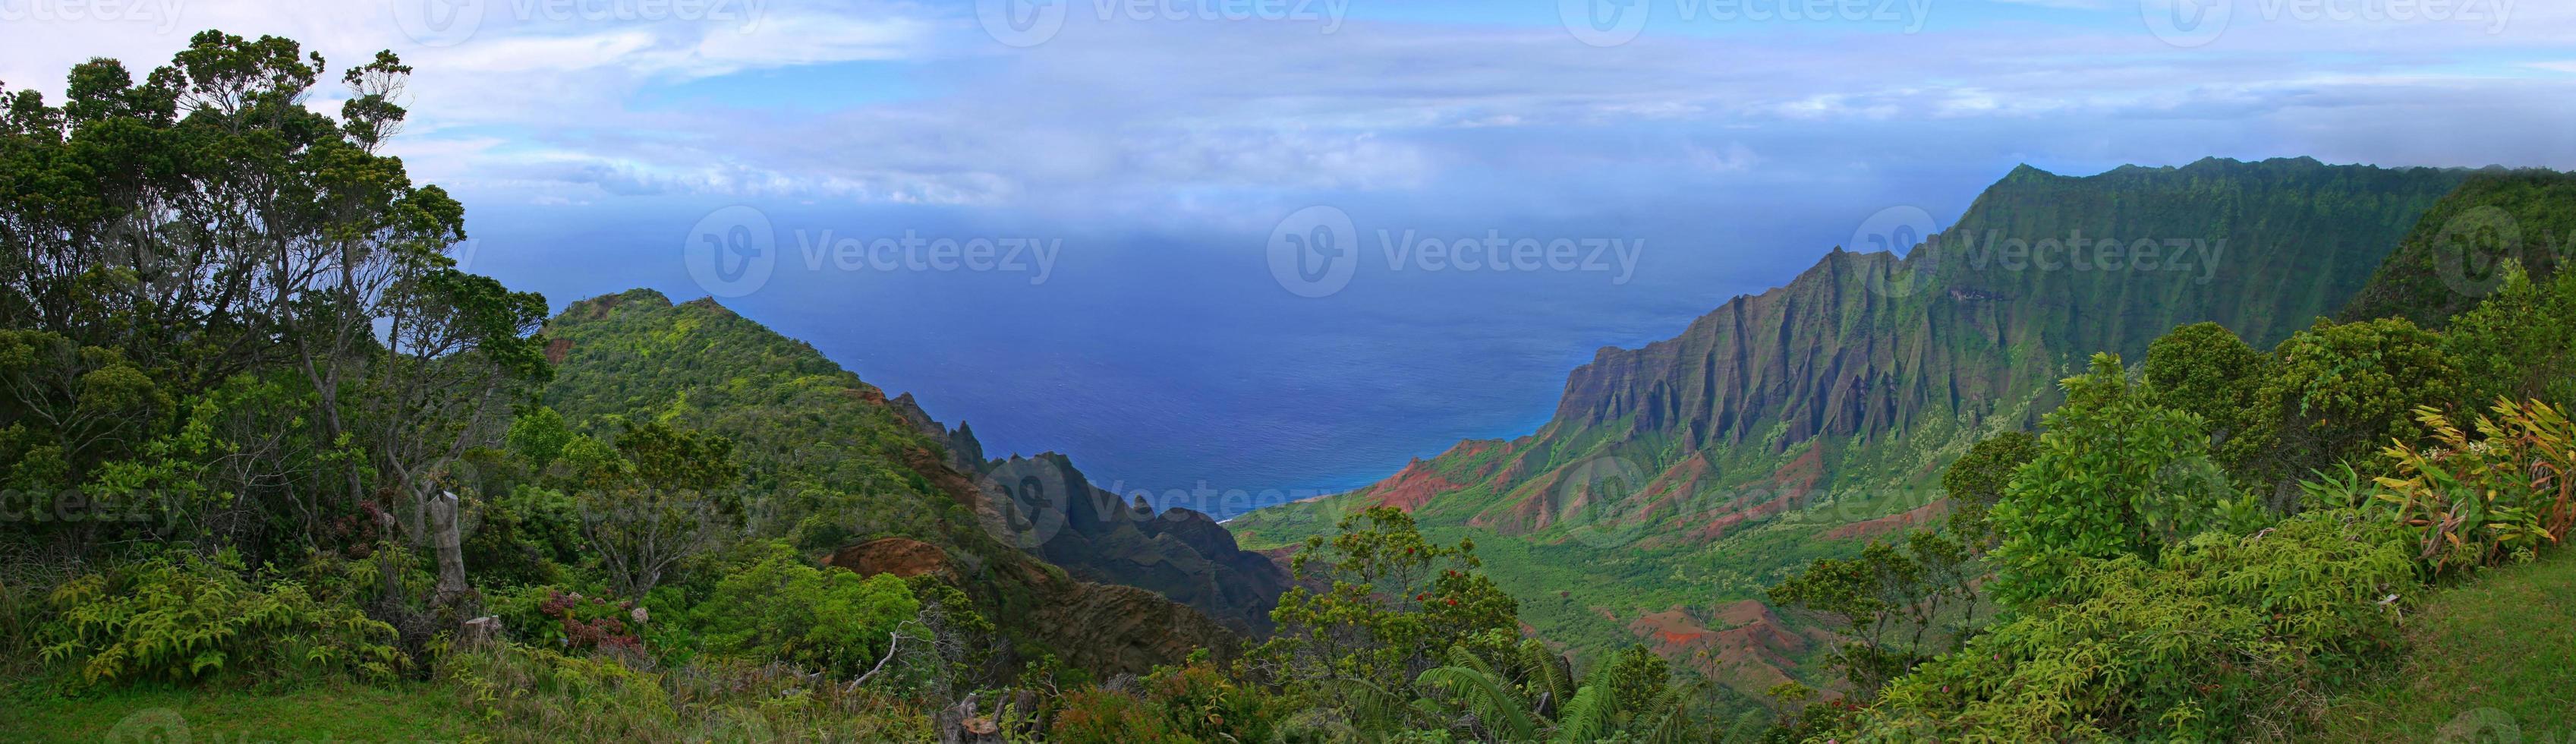 prachtig uitzicht op de kustlijn van Kauai in Hawaï foto